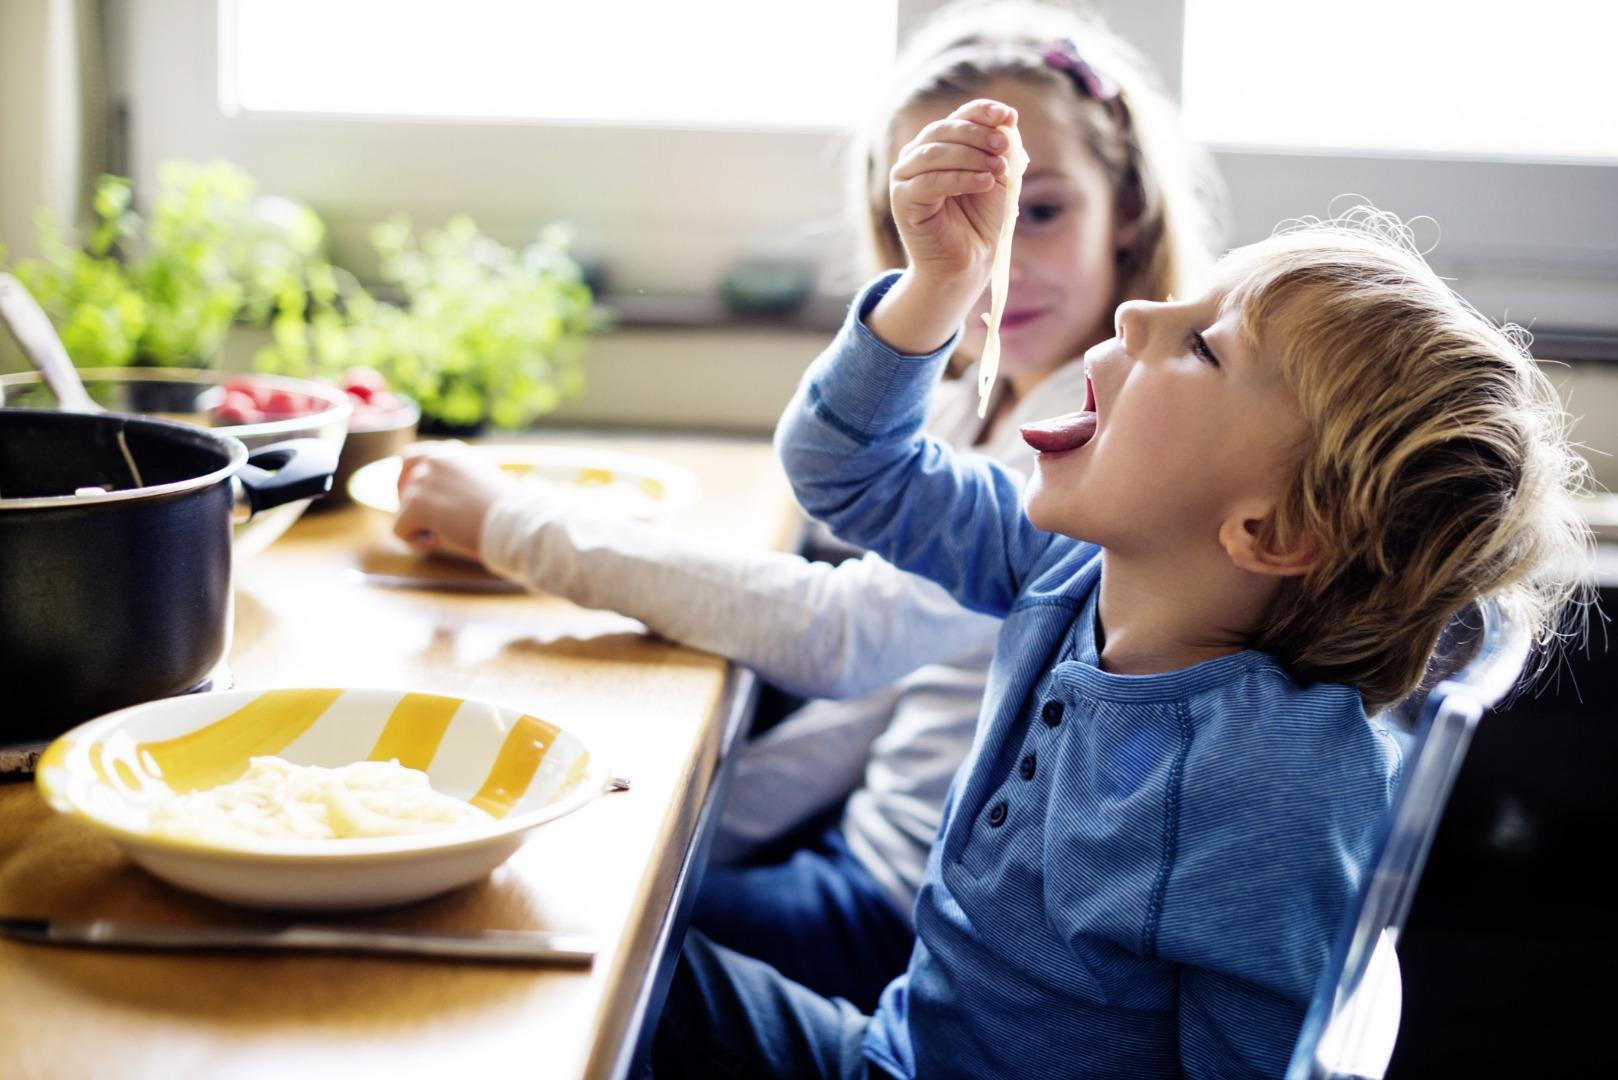 Обеденный этикет: учим малыша кушать аккуратно